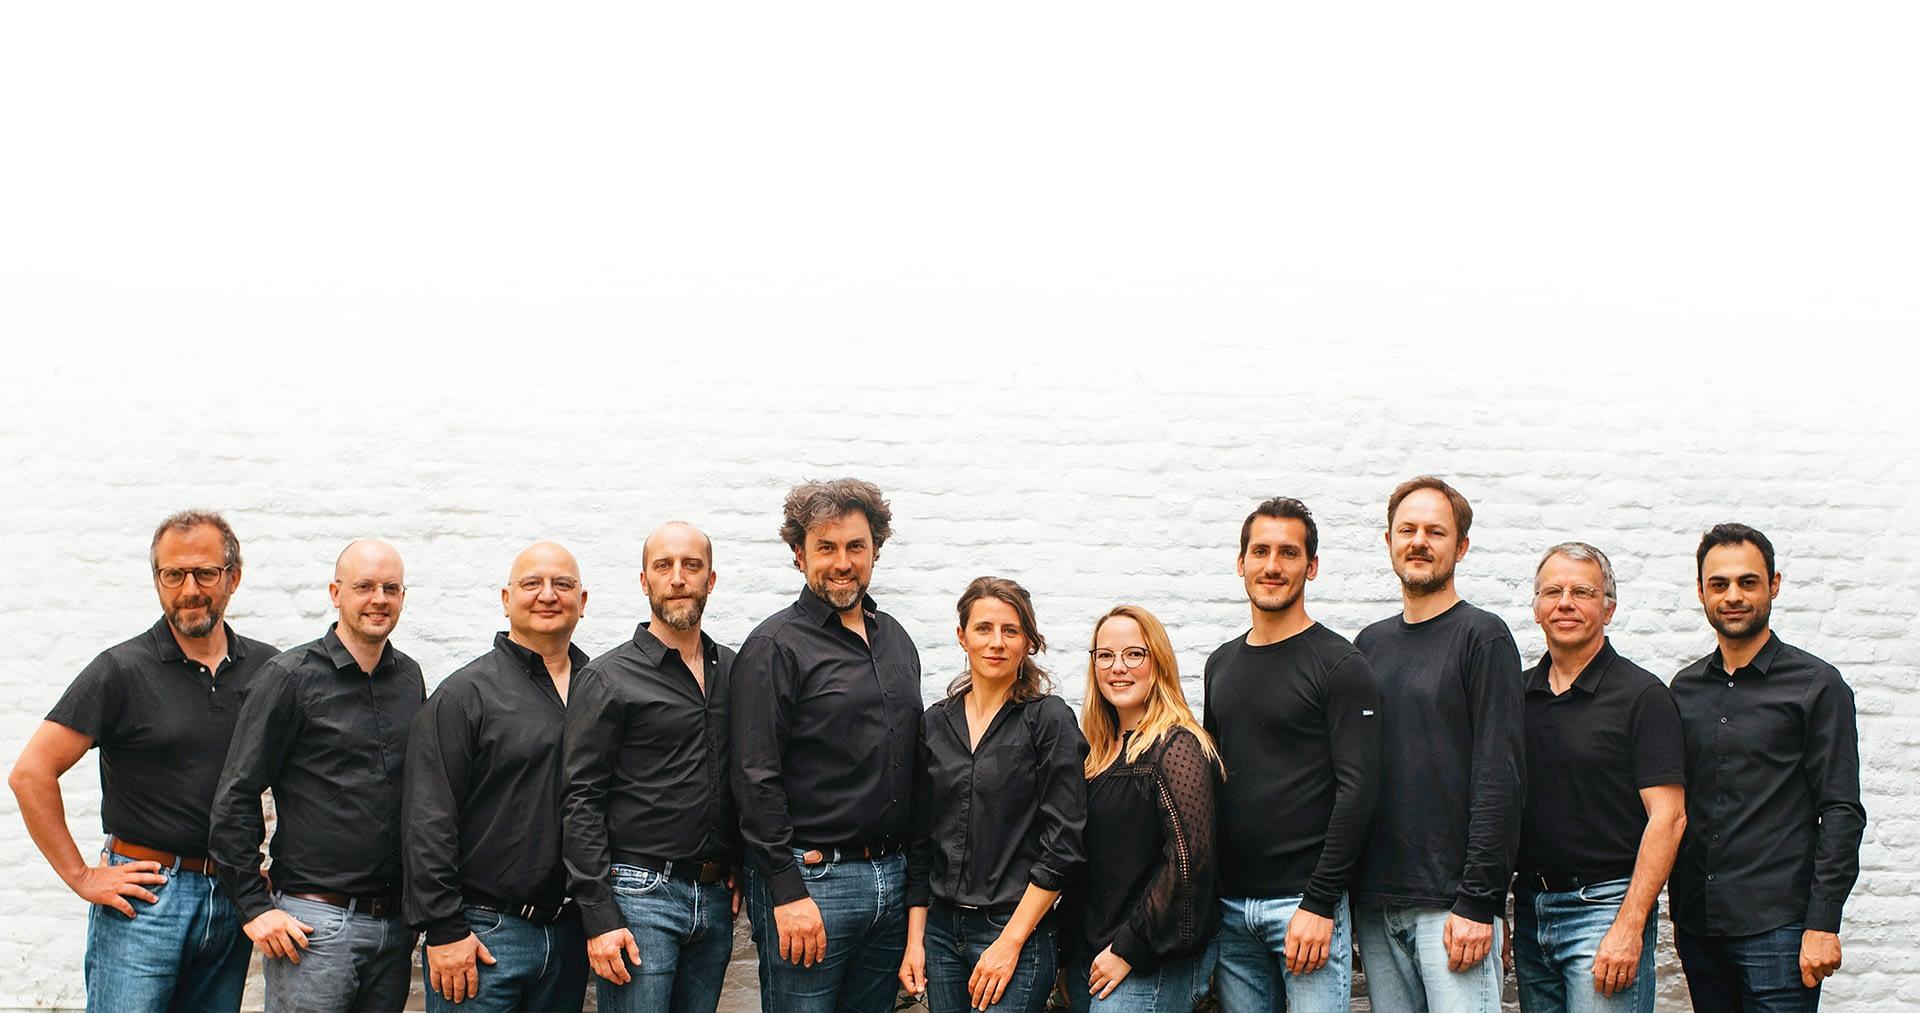 Watt Matters' team